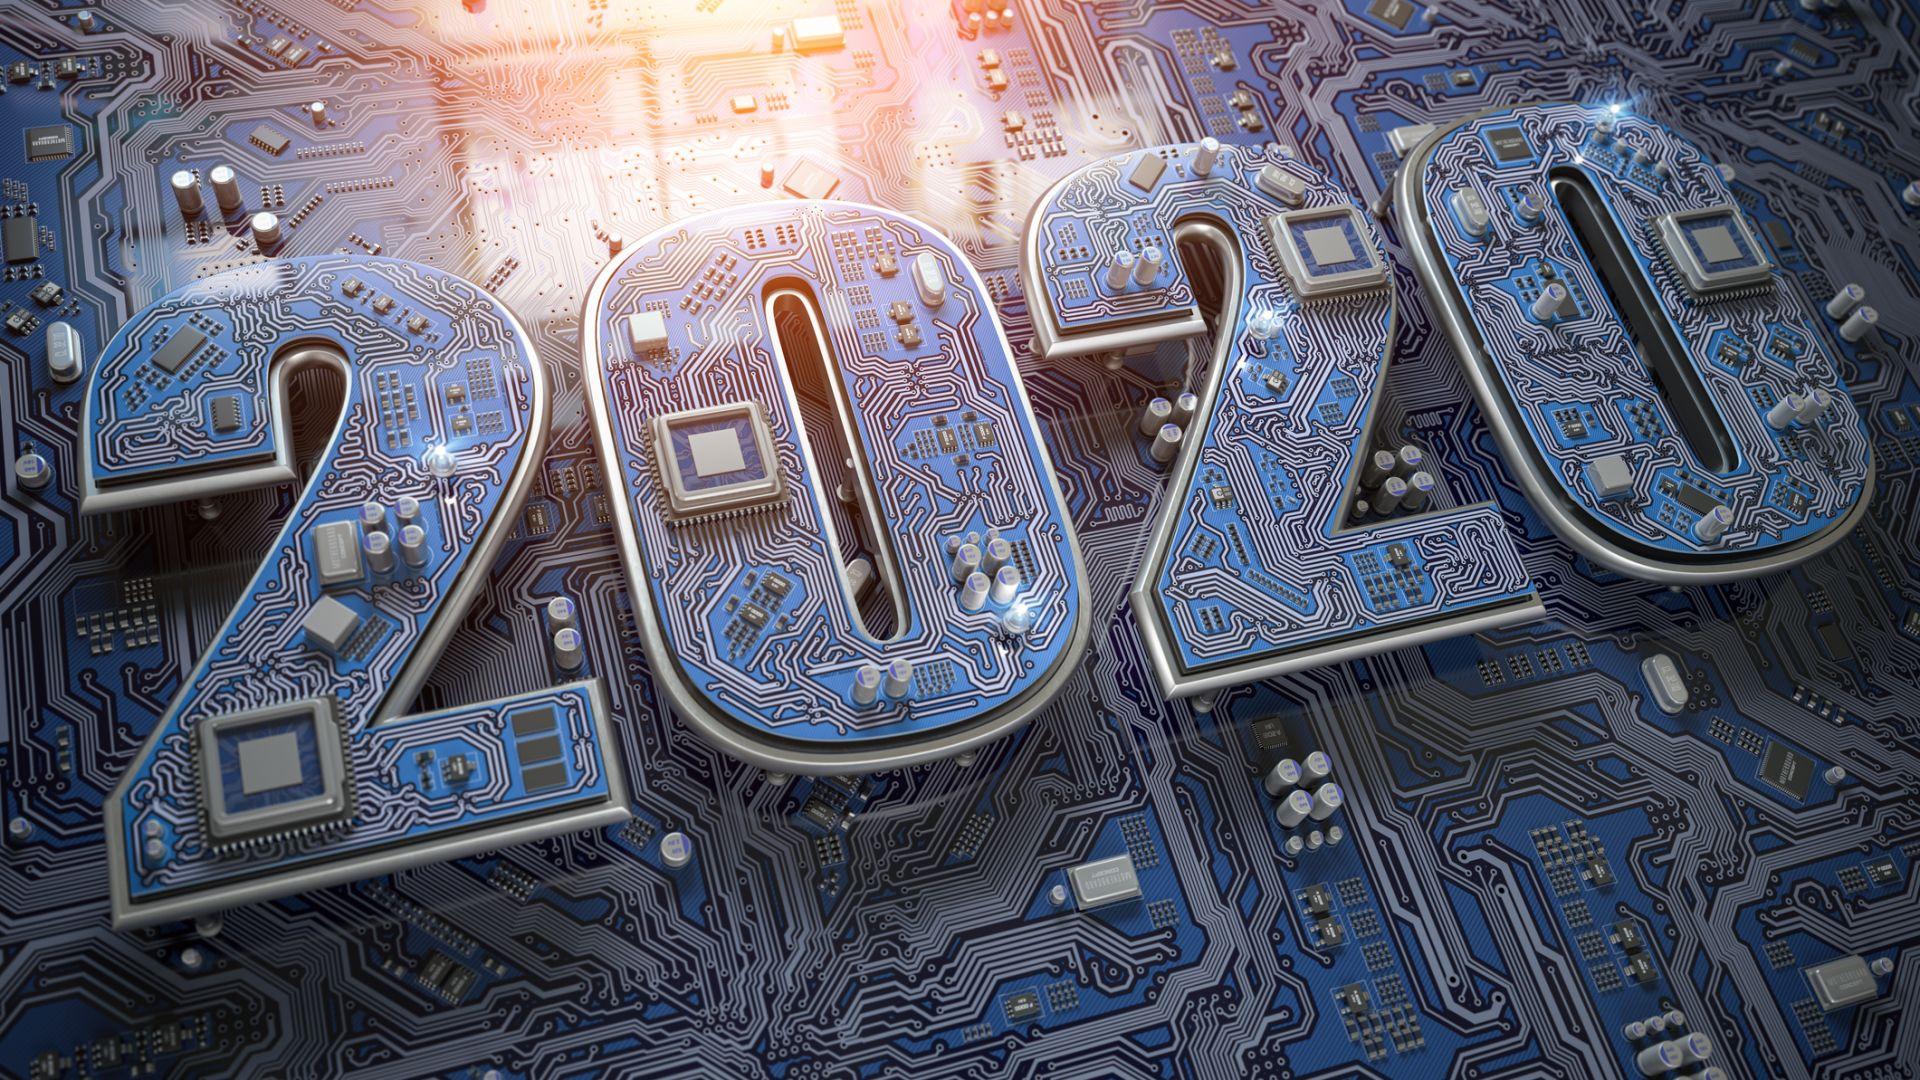 Джаджите, които ни впечатлиха през 2020 г.